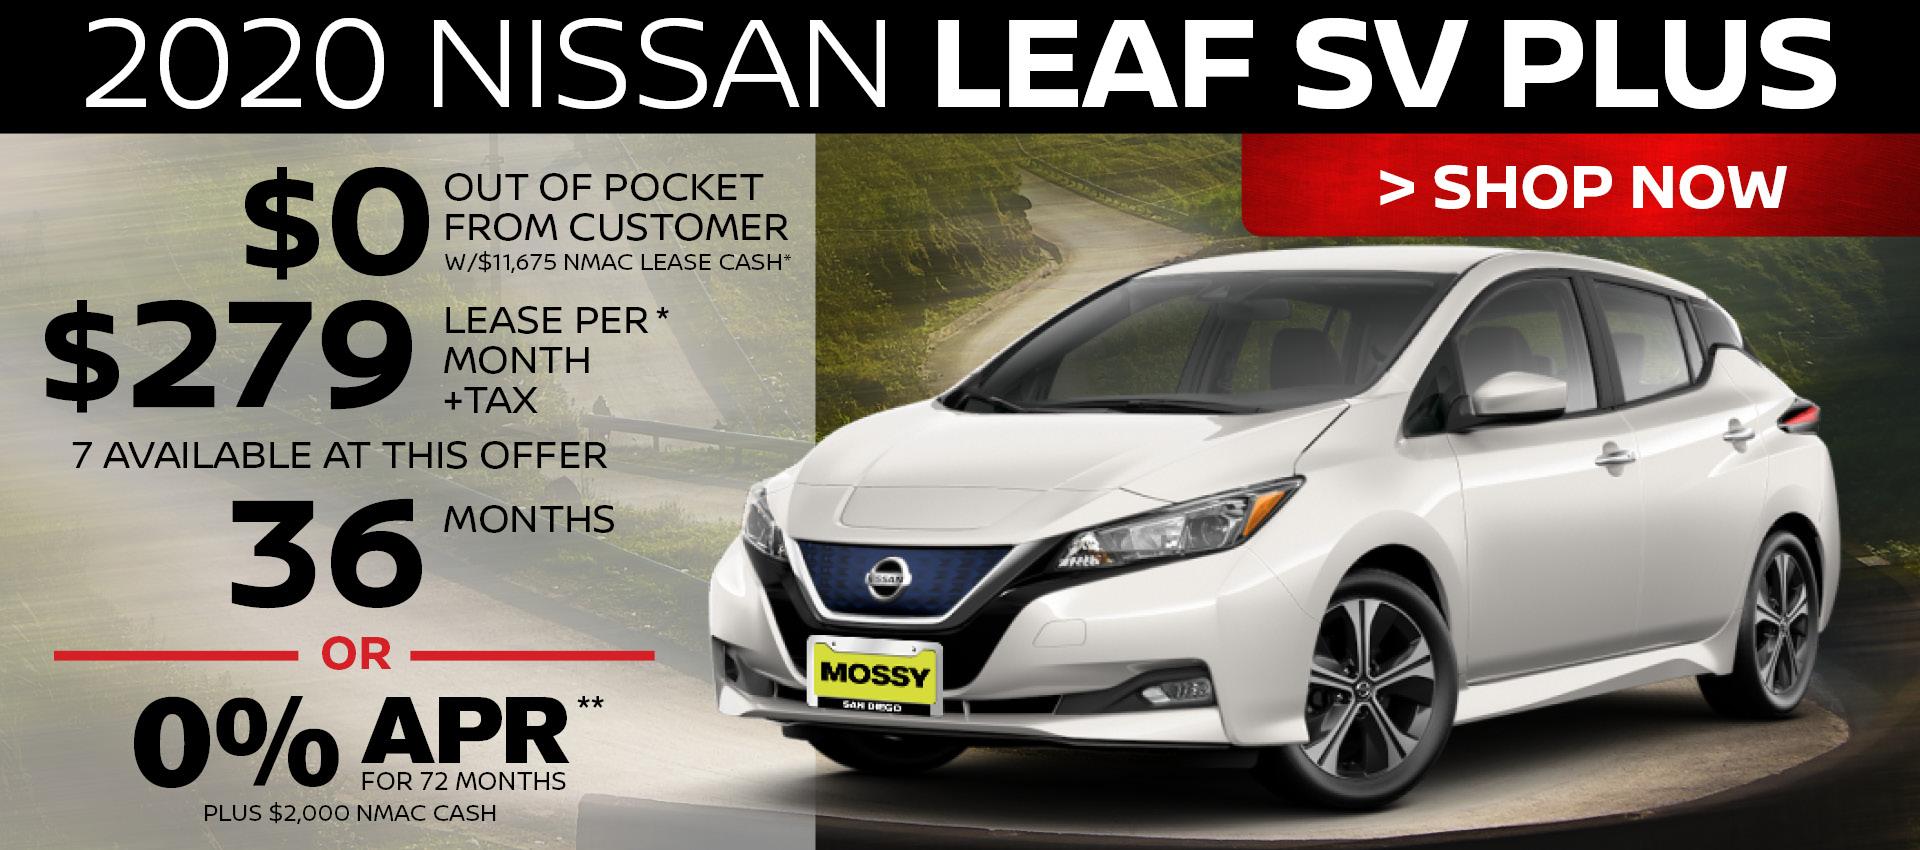 Mossy Nissan - Leaf HP